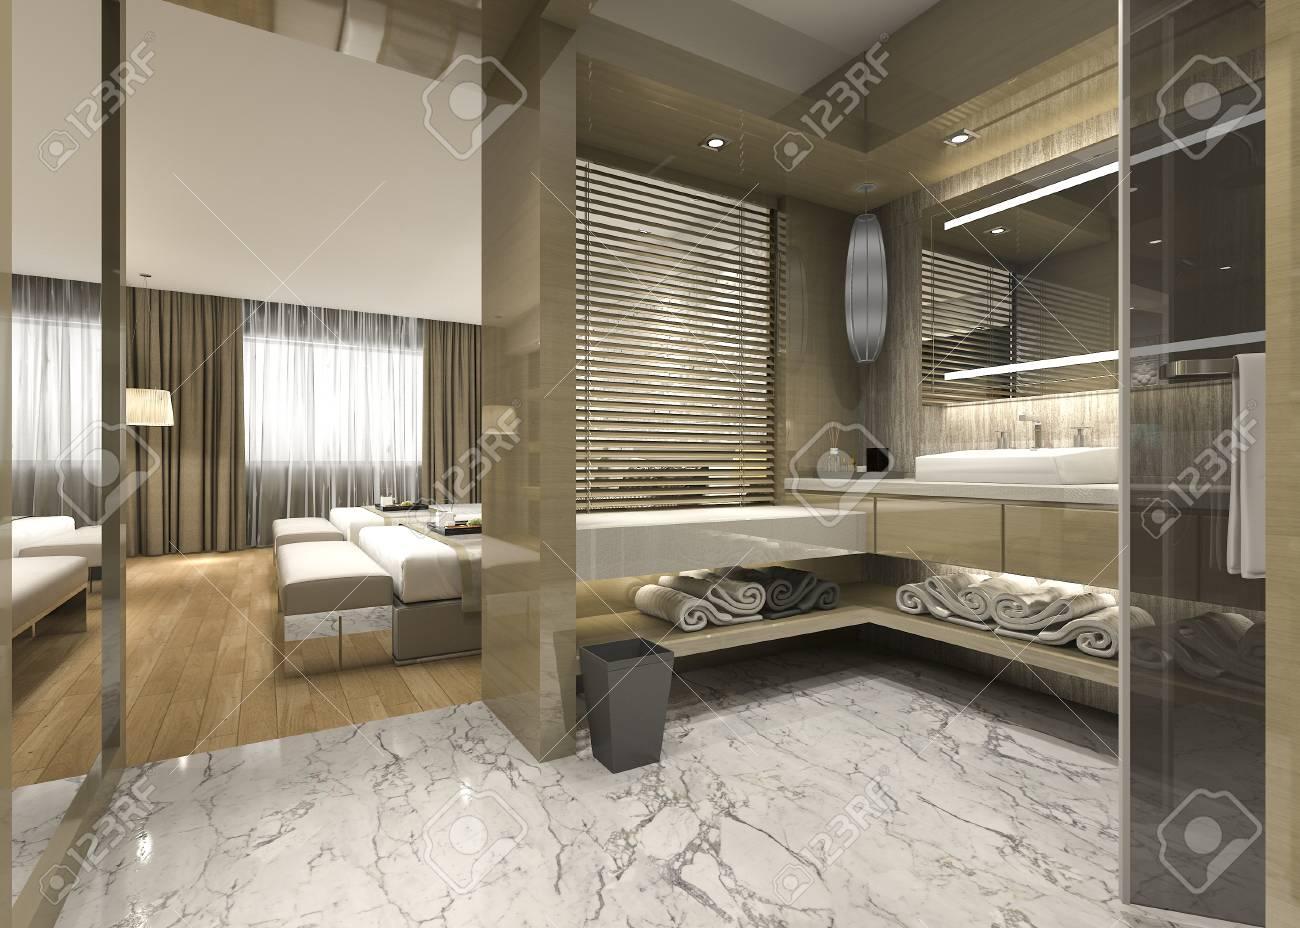 3d rendu moderne salle de bains en bois de luxe dans l & # 39 ; hôtel de